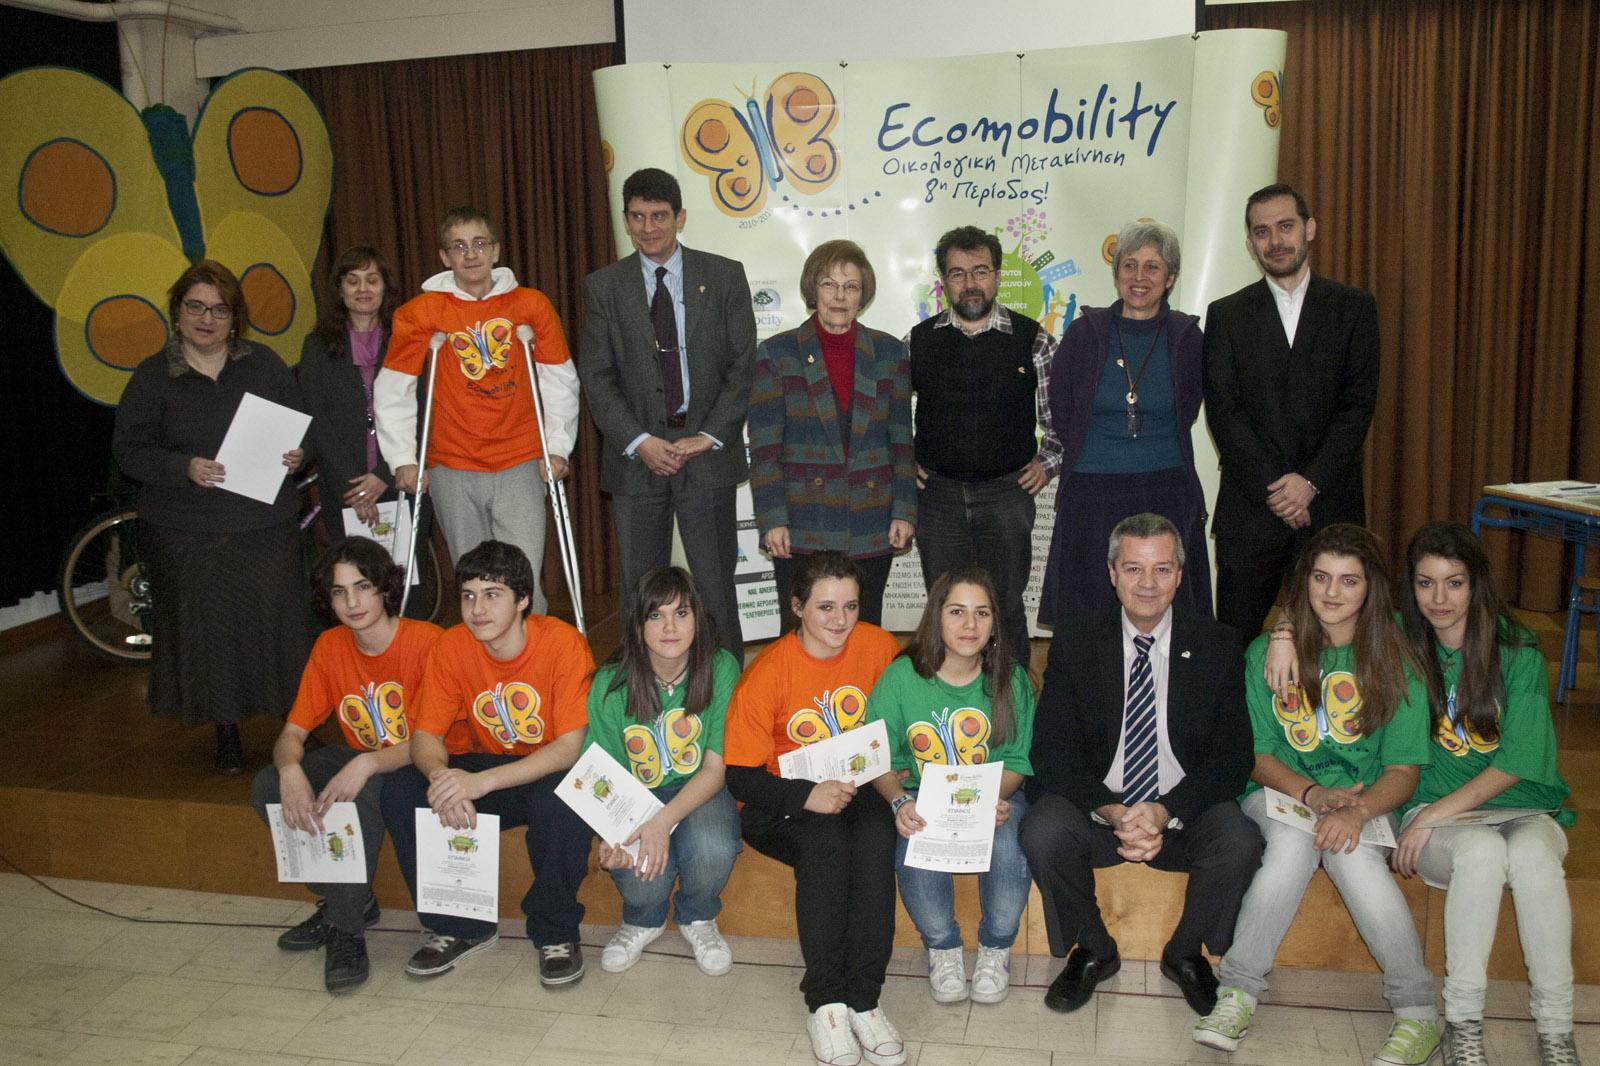 ecomobility_feb_2011_2oPEIRAMATIKO GUMNASIO ATHINON